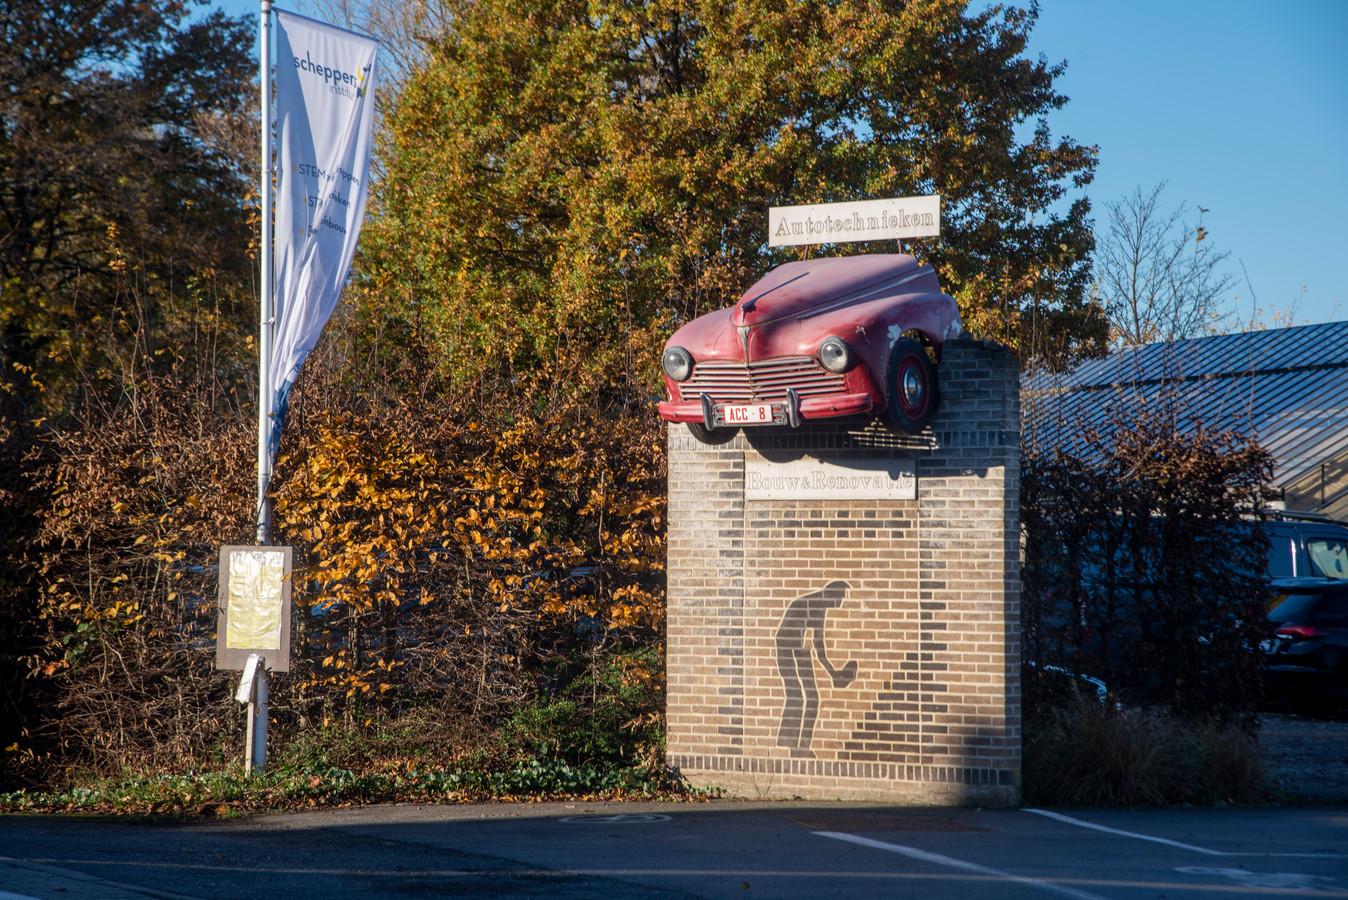 De afdeling automechanica werd reeds in 1993 opgericht in de Stooktestraat.